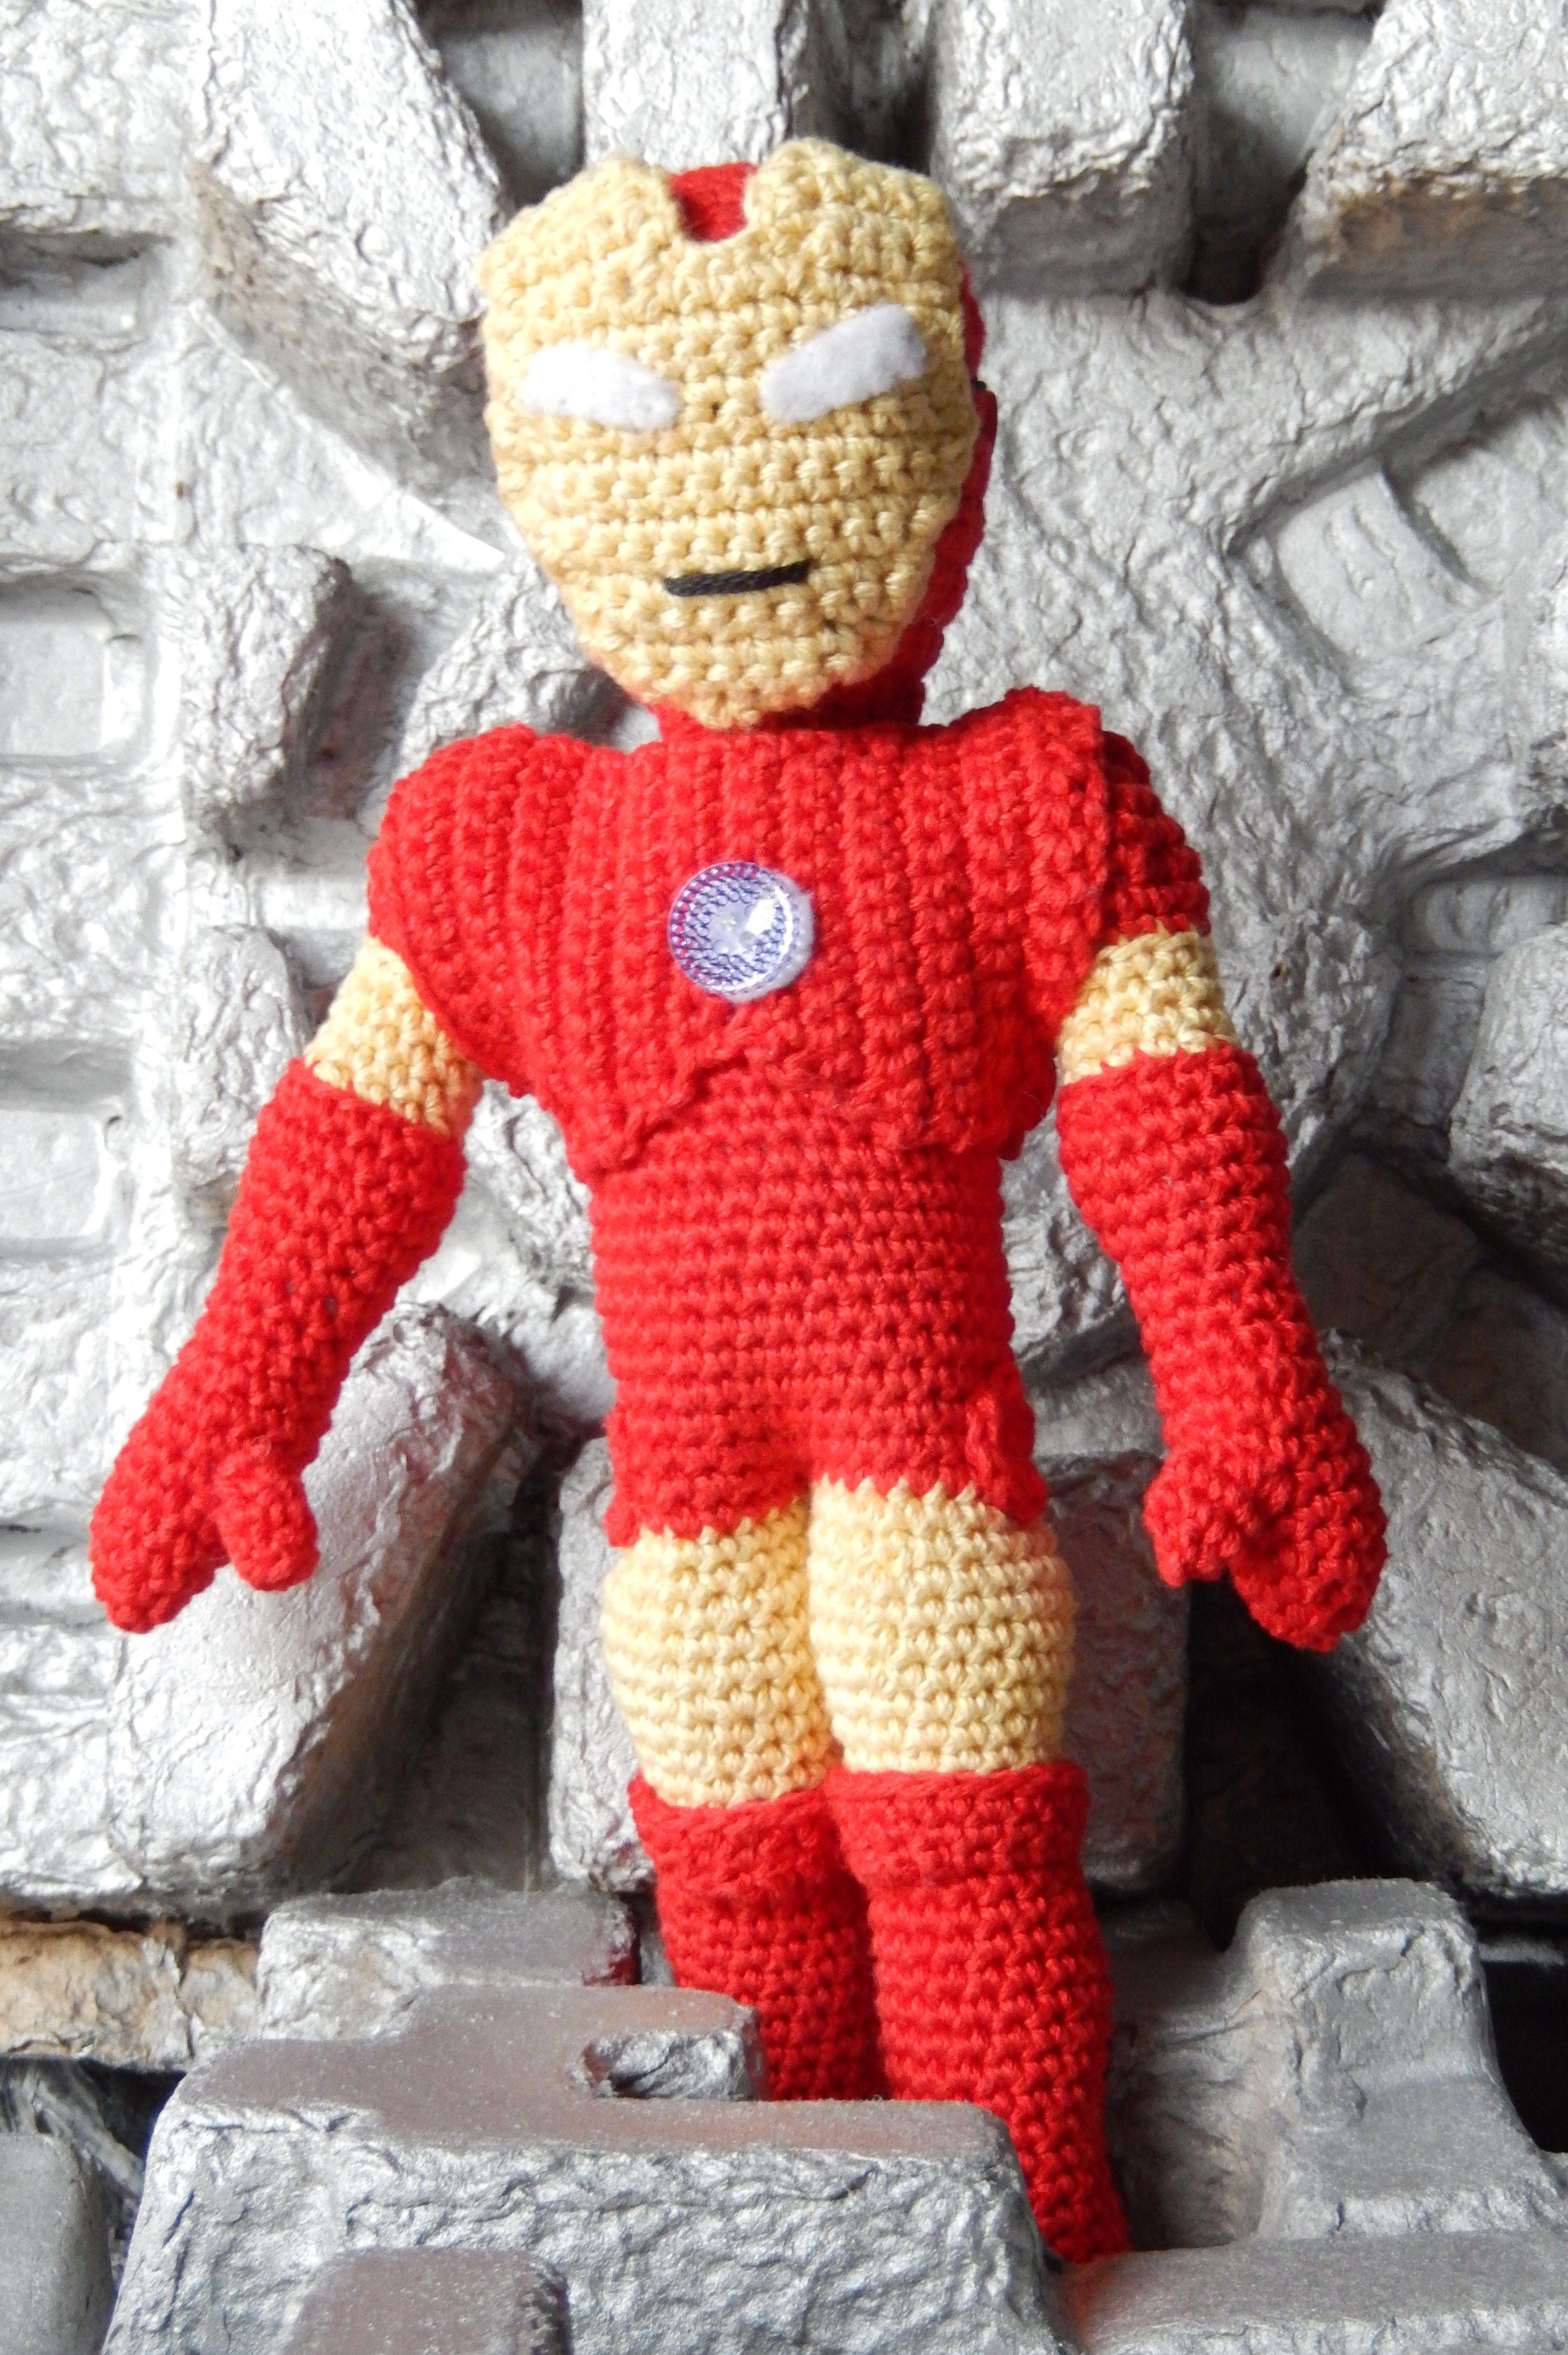 Kinderwünsche   Iron man, Crochet dolls, Crochet toys